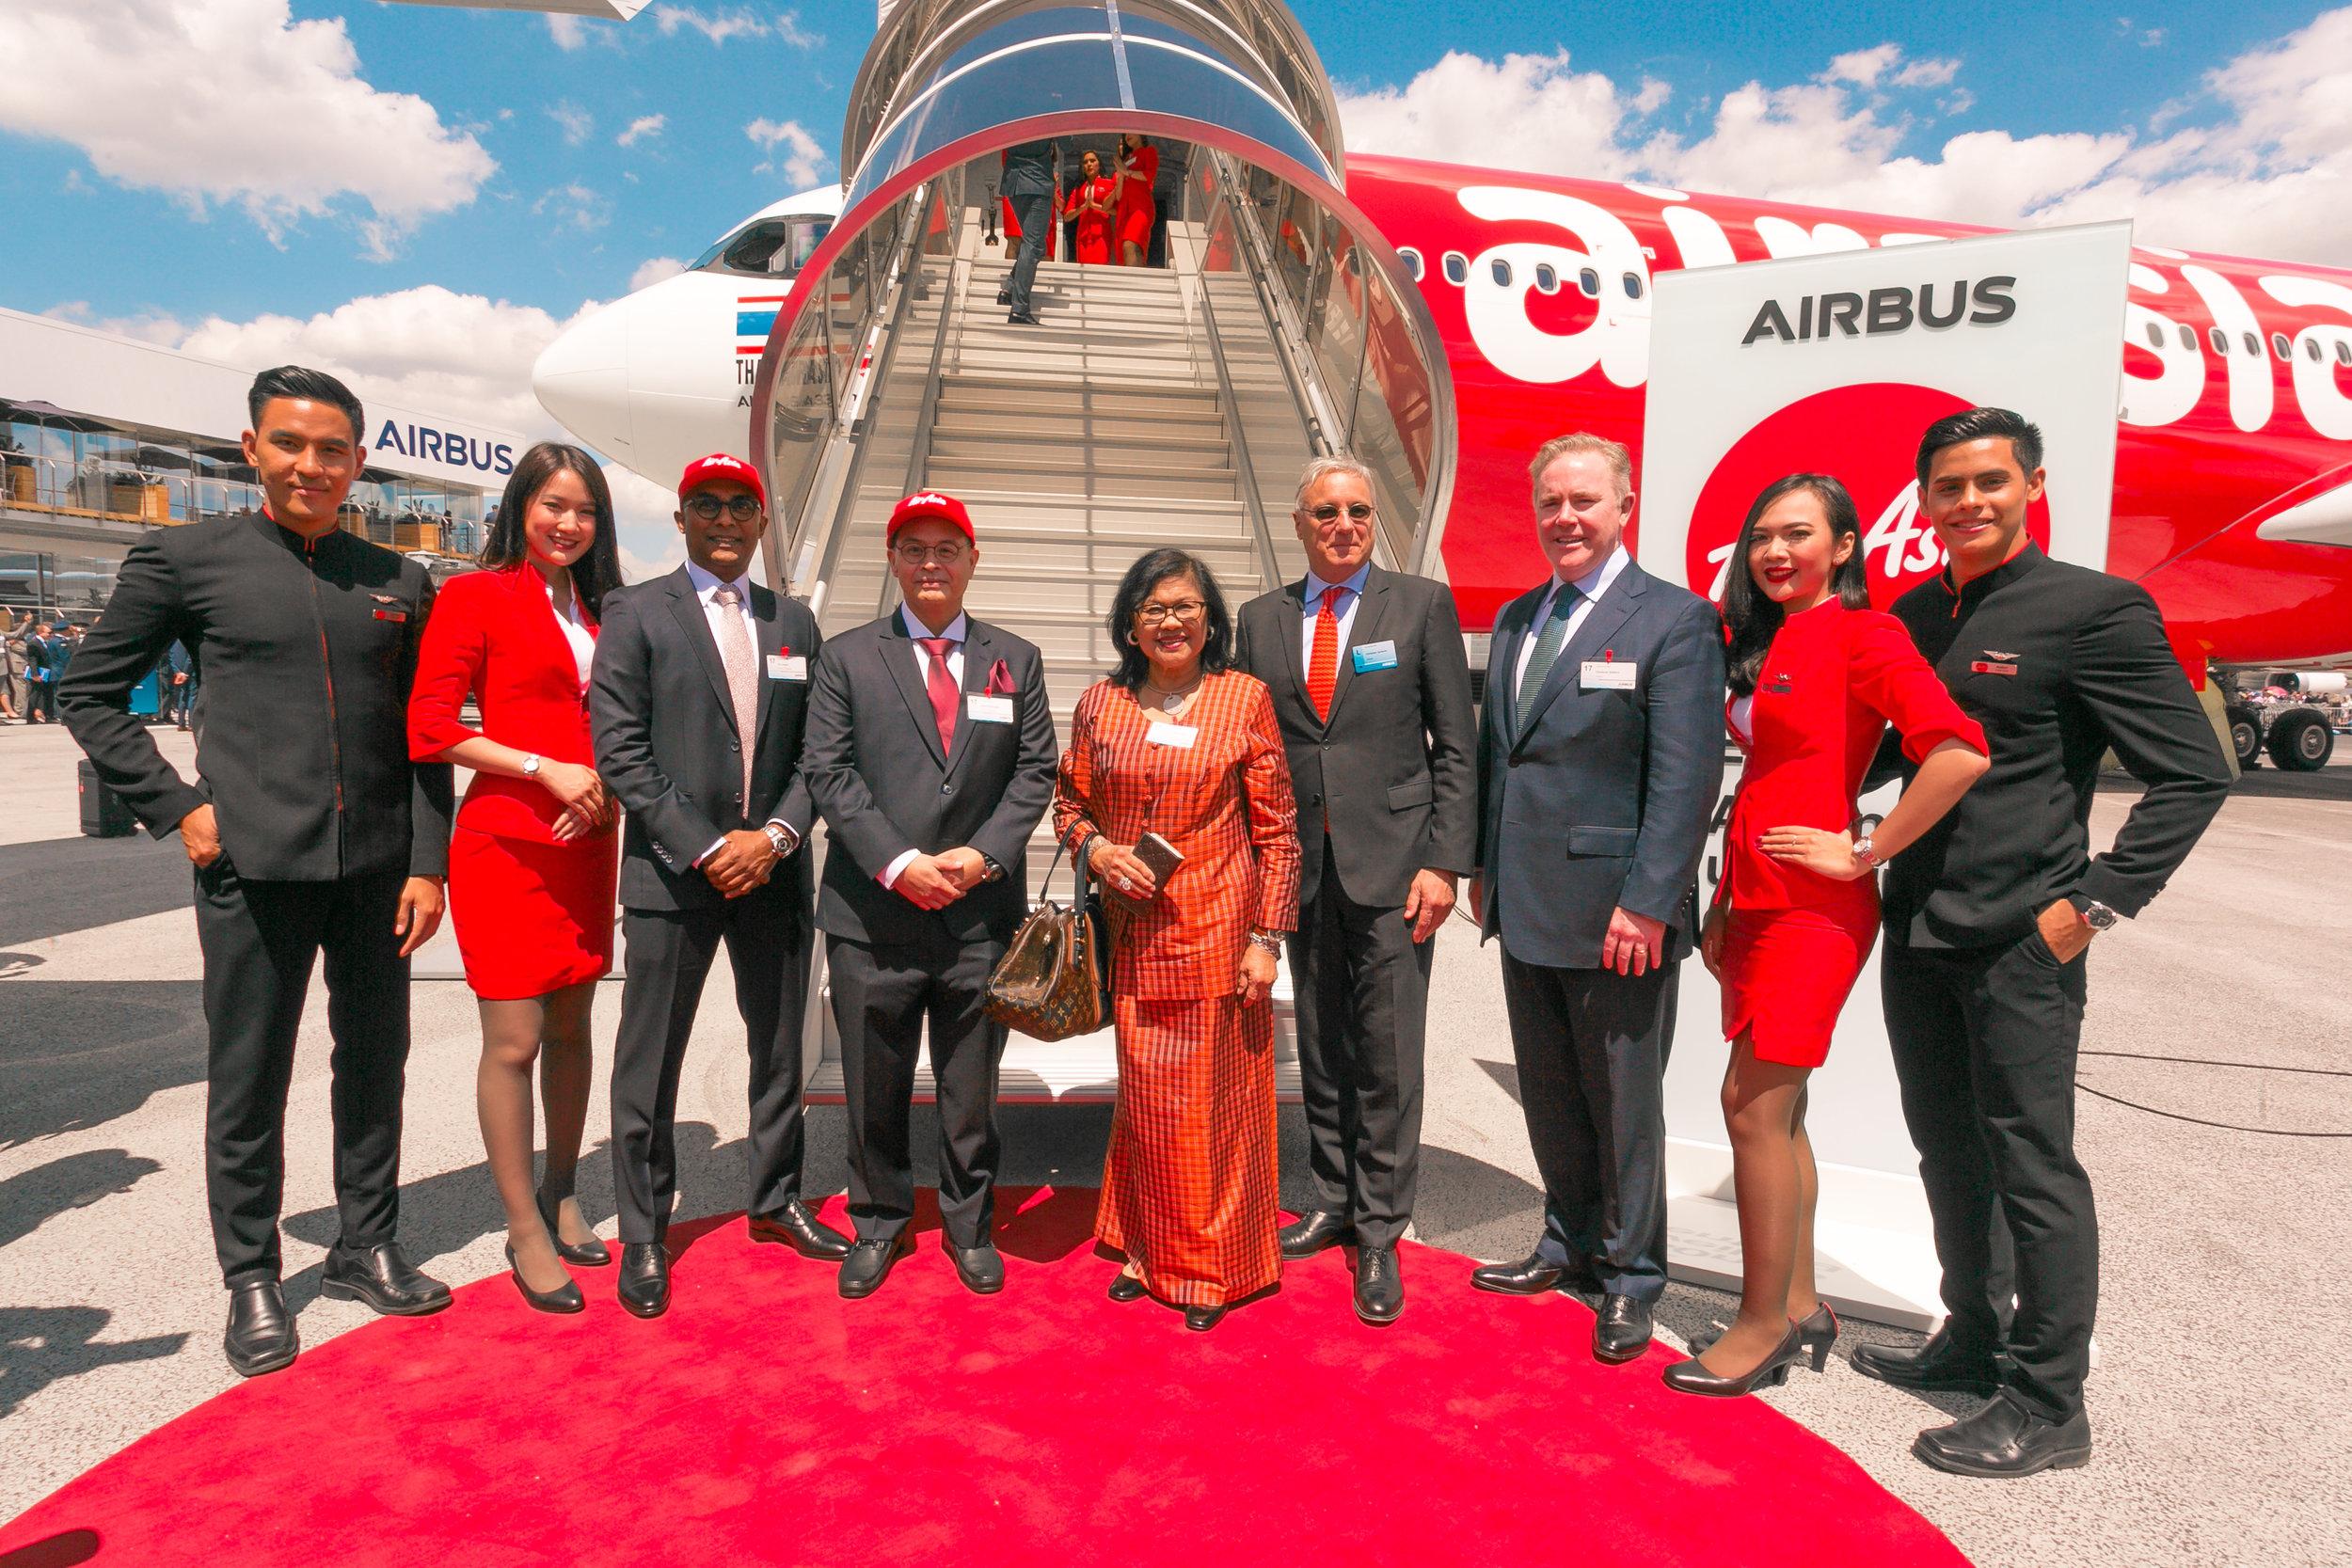 (ลำดับที่ 3 จากซ้าย) นายโบ ลินกัม รองประธานเจ้าหน้าที่บริหารกลุ่มสายการบินแอร์เอเชีย นายนัตดา บุรณศิริ ประธานเจ้าหน้าที่บริหารกลุ่มสายการบินแอร์เอเชีย เอ็กซ์ นางราฟิดาห์ อาซิส ประธานบริหารแอร์เอเชีย เอ็กซ์ นายคริสเตียน เชอร์เรอร์ ประธานเจ้าหน้าที่ฝ่ายการพาณิชย์ บริษัทแอร์บัส นายดอมห์นอล สแลทเทอรี ประธานเจ้าหน้าที่บริหารบริษัทอาโวลอน พร้อมด้วยลูกเรือสายการบินแอร์เอเชีย